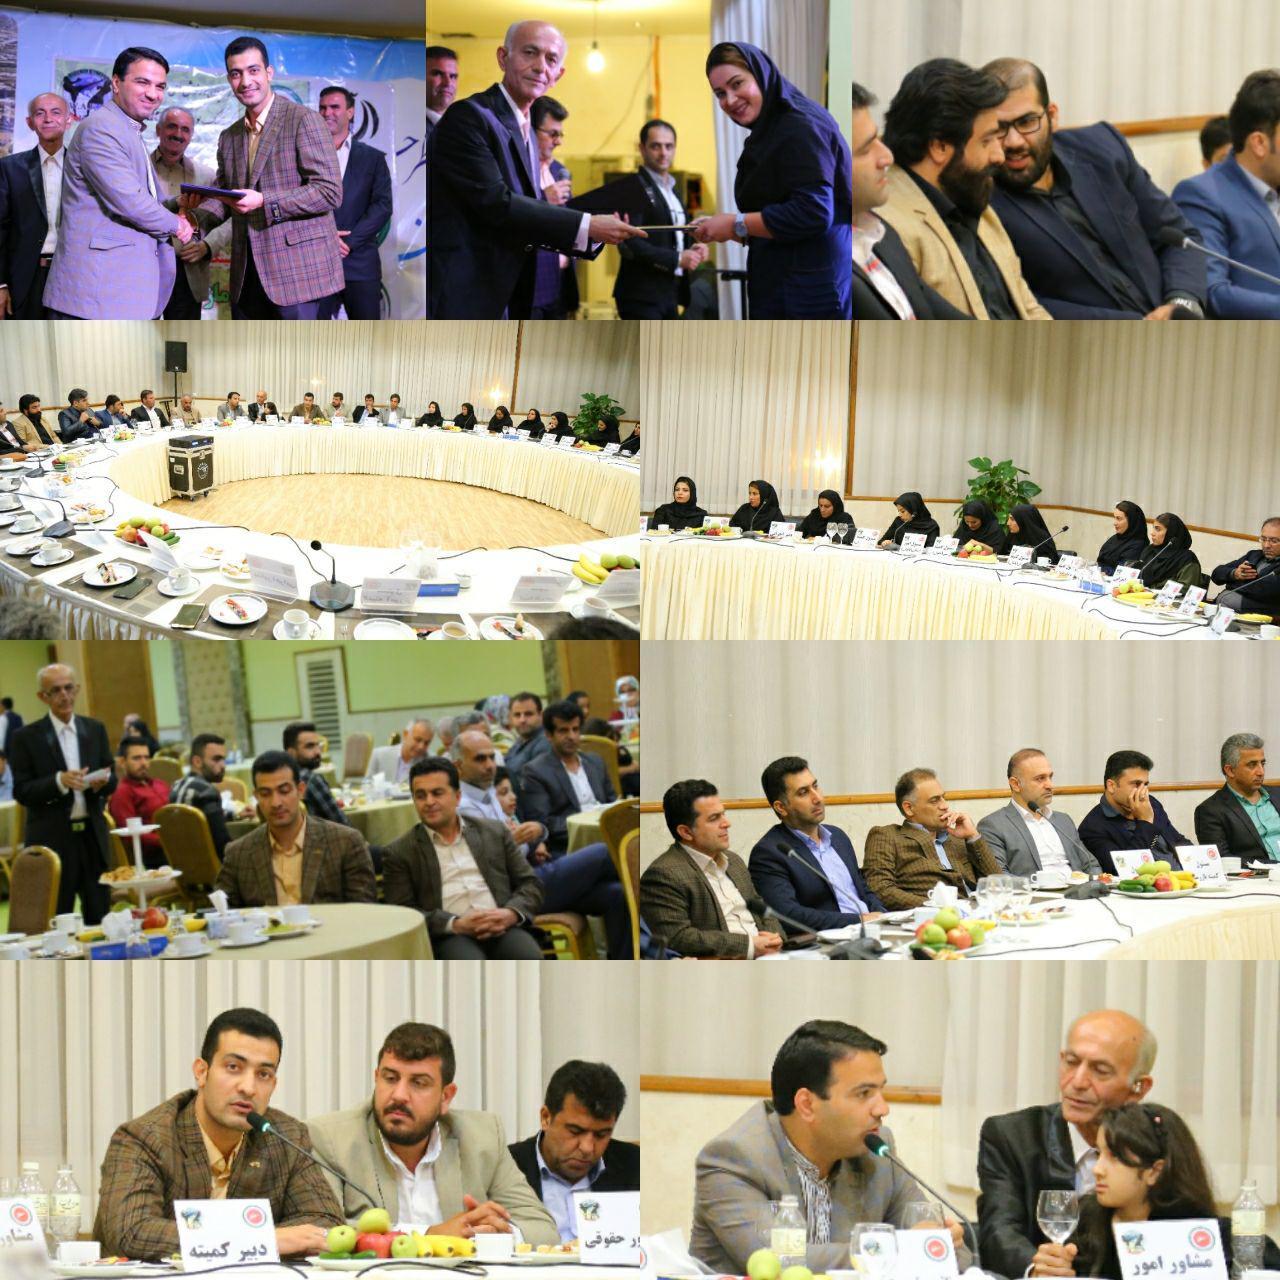 نشست هم اندیشی کمیته کیک بوکسینگ W.A.K.F کشور + تصاویر